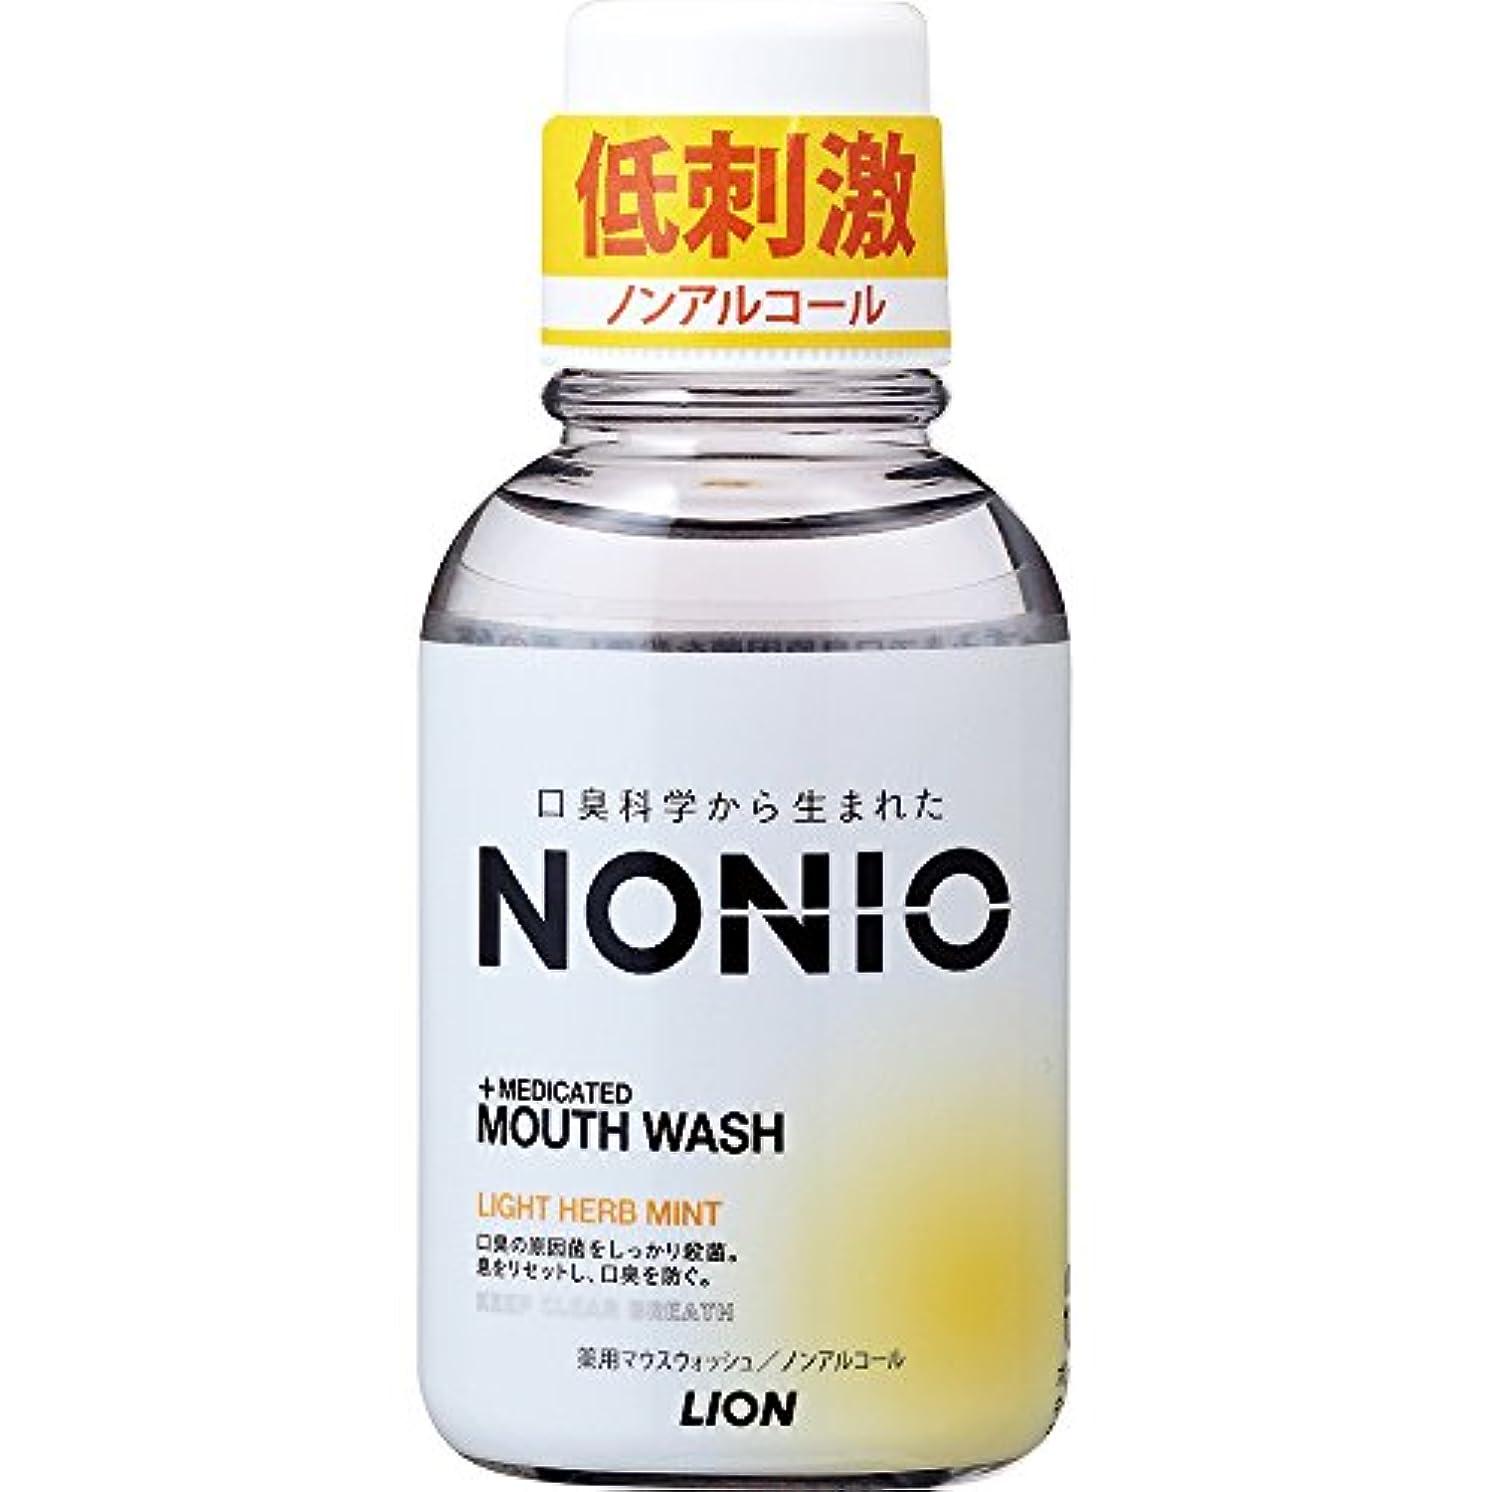 部分おもちゃモザイクNONIO マウスウォッシュ ノンアルコール ライトハーブミント 80ml 洗口液 (医薬部外品)